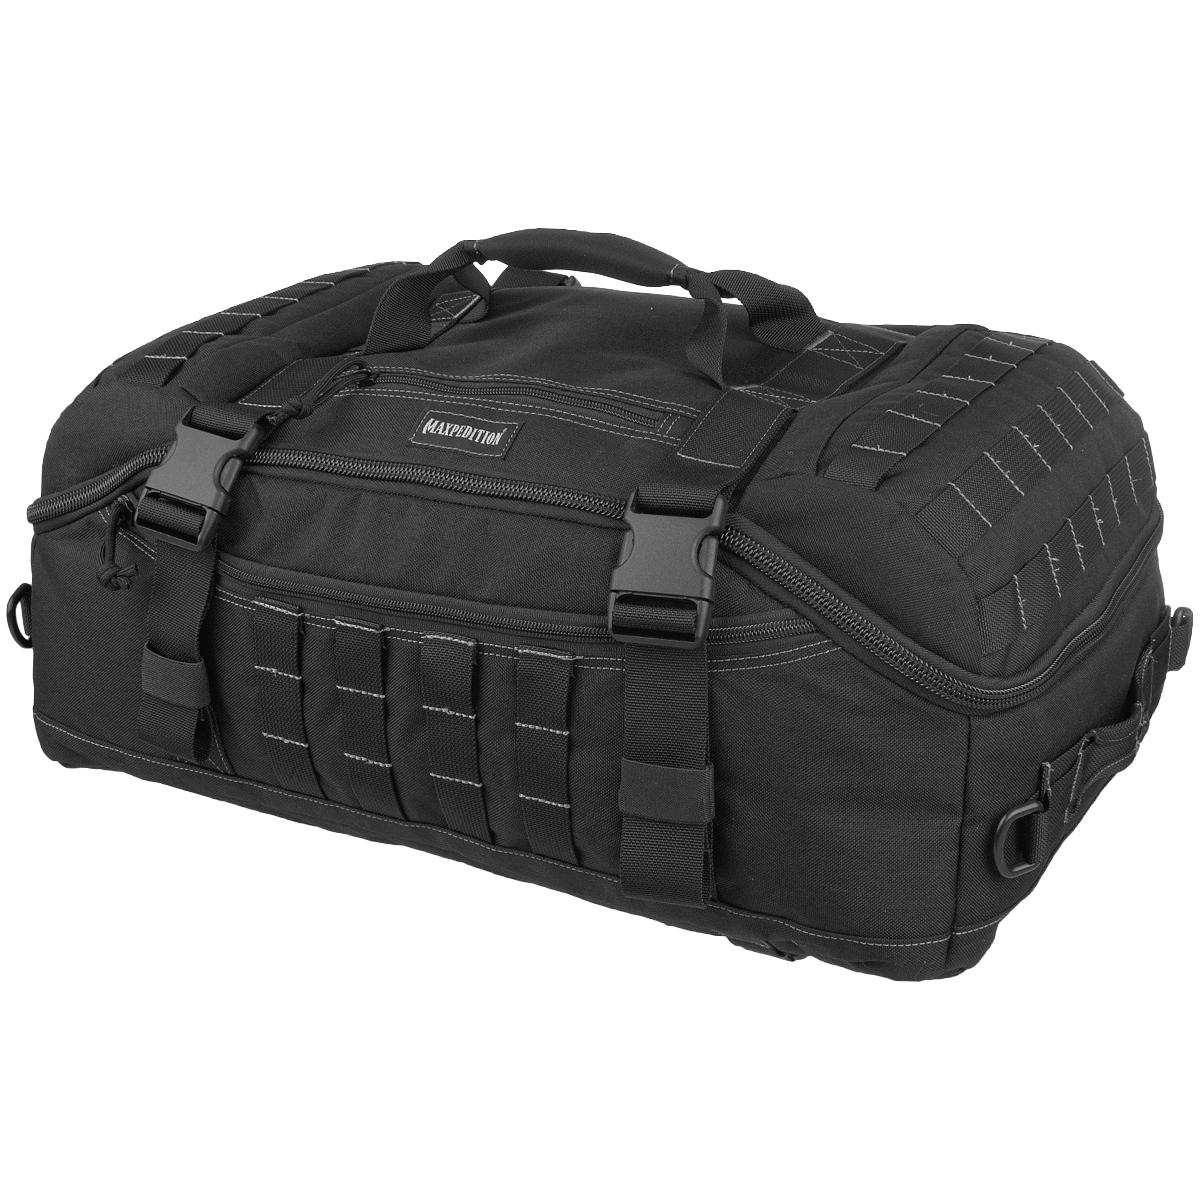 e914f502d8d5 Details about Maxpedition Fliegerduffel Adventure Bag Military Shoulder  Strap Pack MOLLE Black